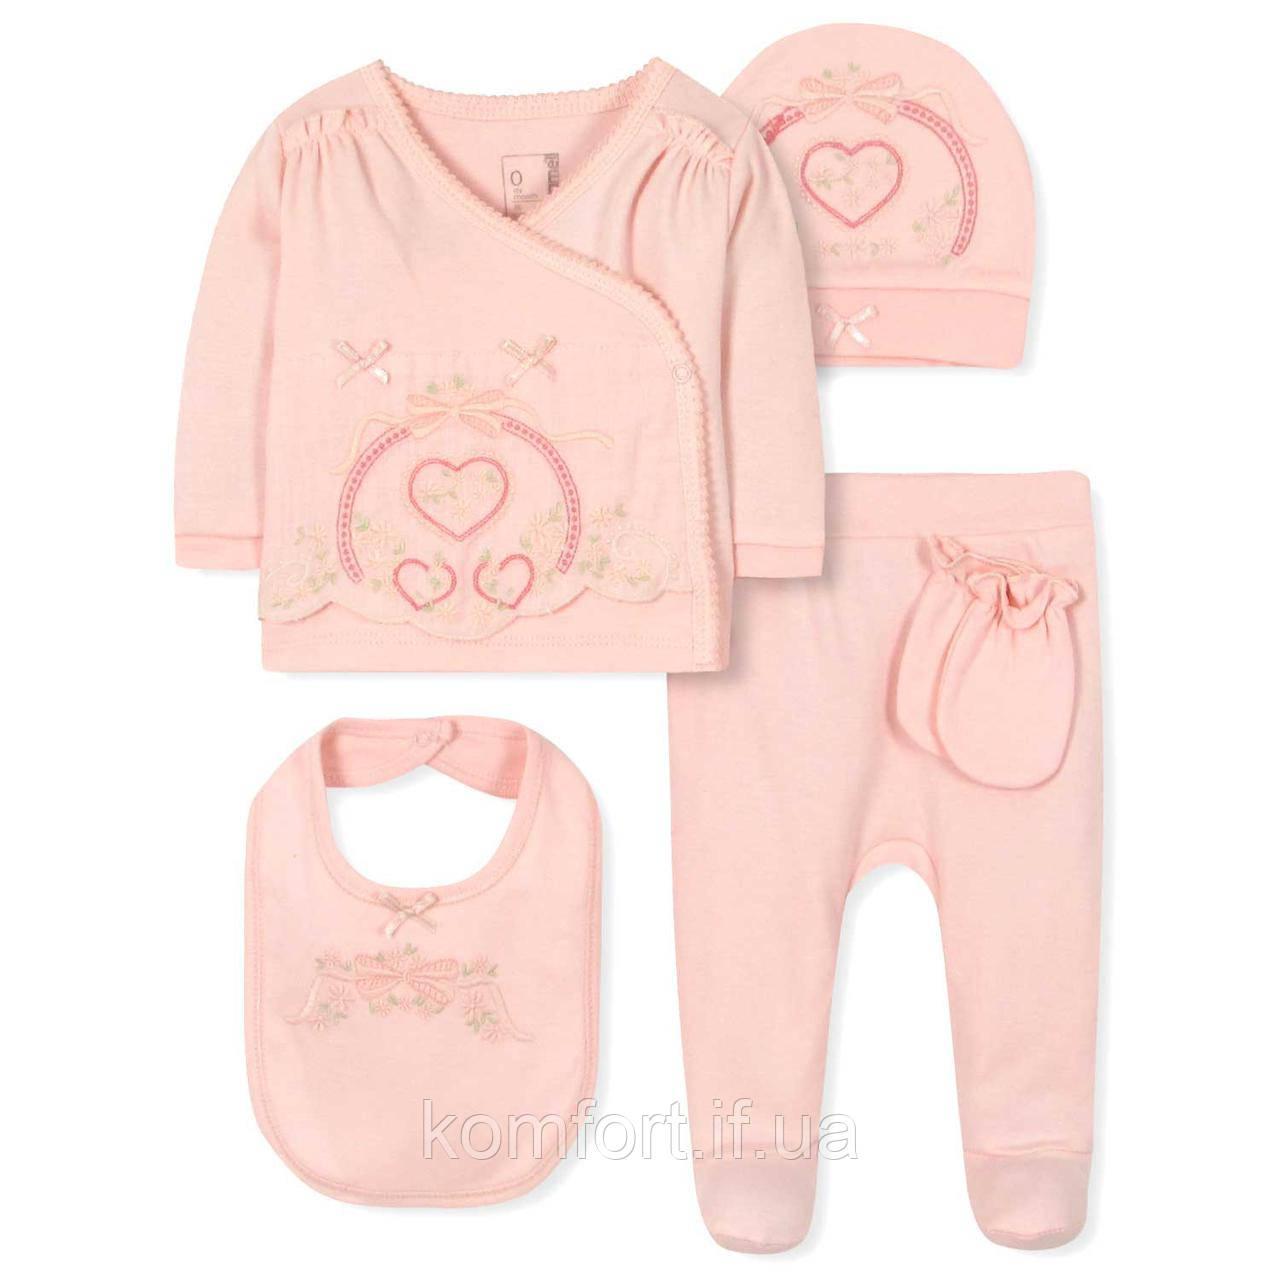 Комплект 5 в 1 для новорожденной девочки Caramell (44-50)